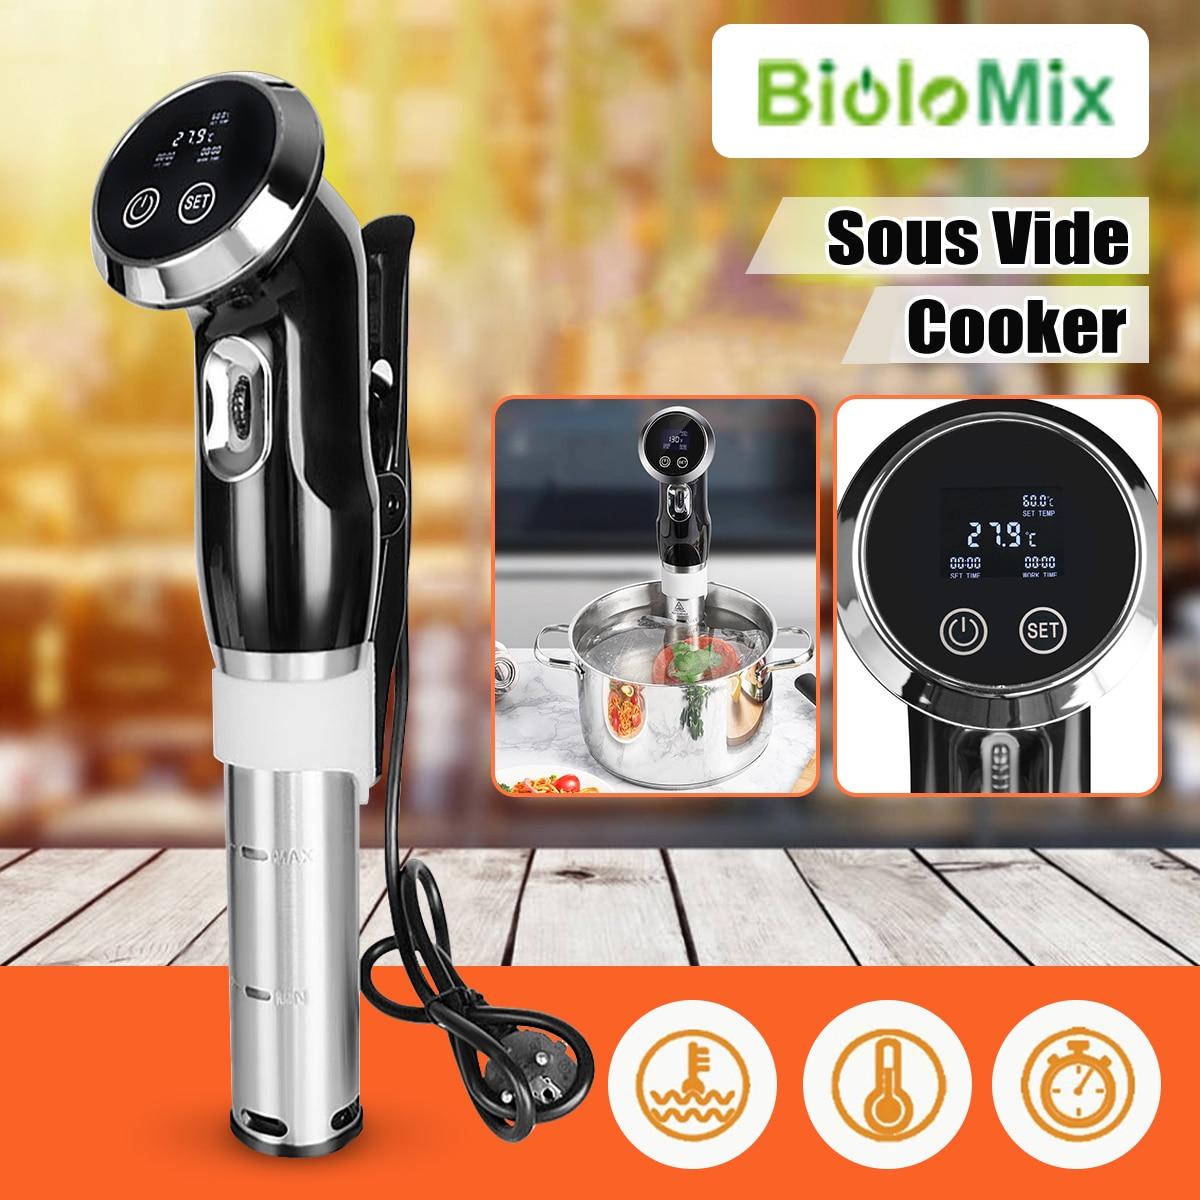 Biolomix 1500 W Vácuo Sous Vide Lento Fogão Comida Poderoso Circulador de Imersão Digital LCD Temporizador Panela de Aço Inoxidável para Casa